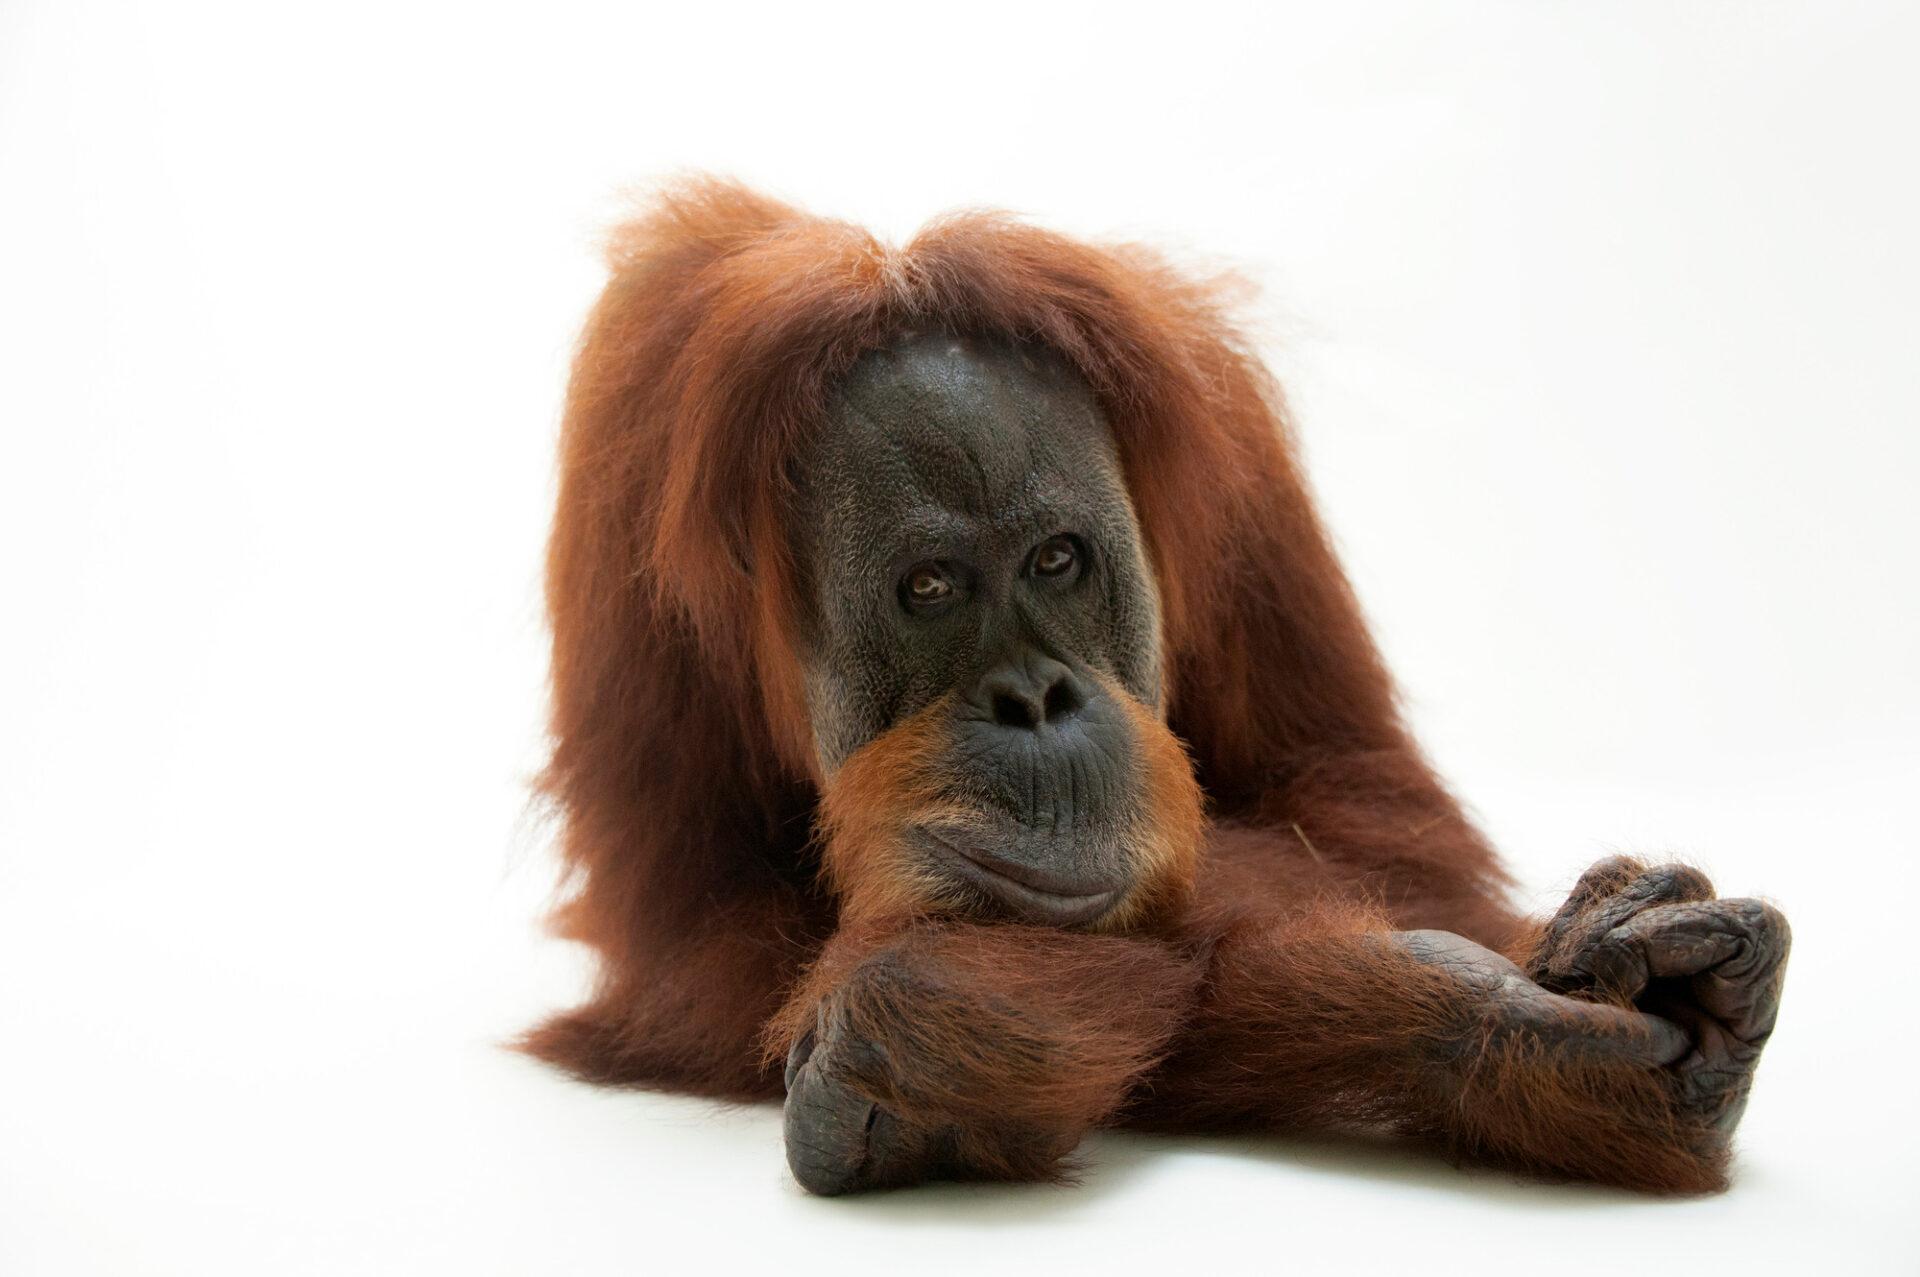 A critically endangered sumatran orangutan, Pongo abelii, at the Gladys Porter Zoo in Brownsville, TX.